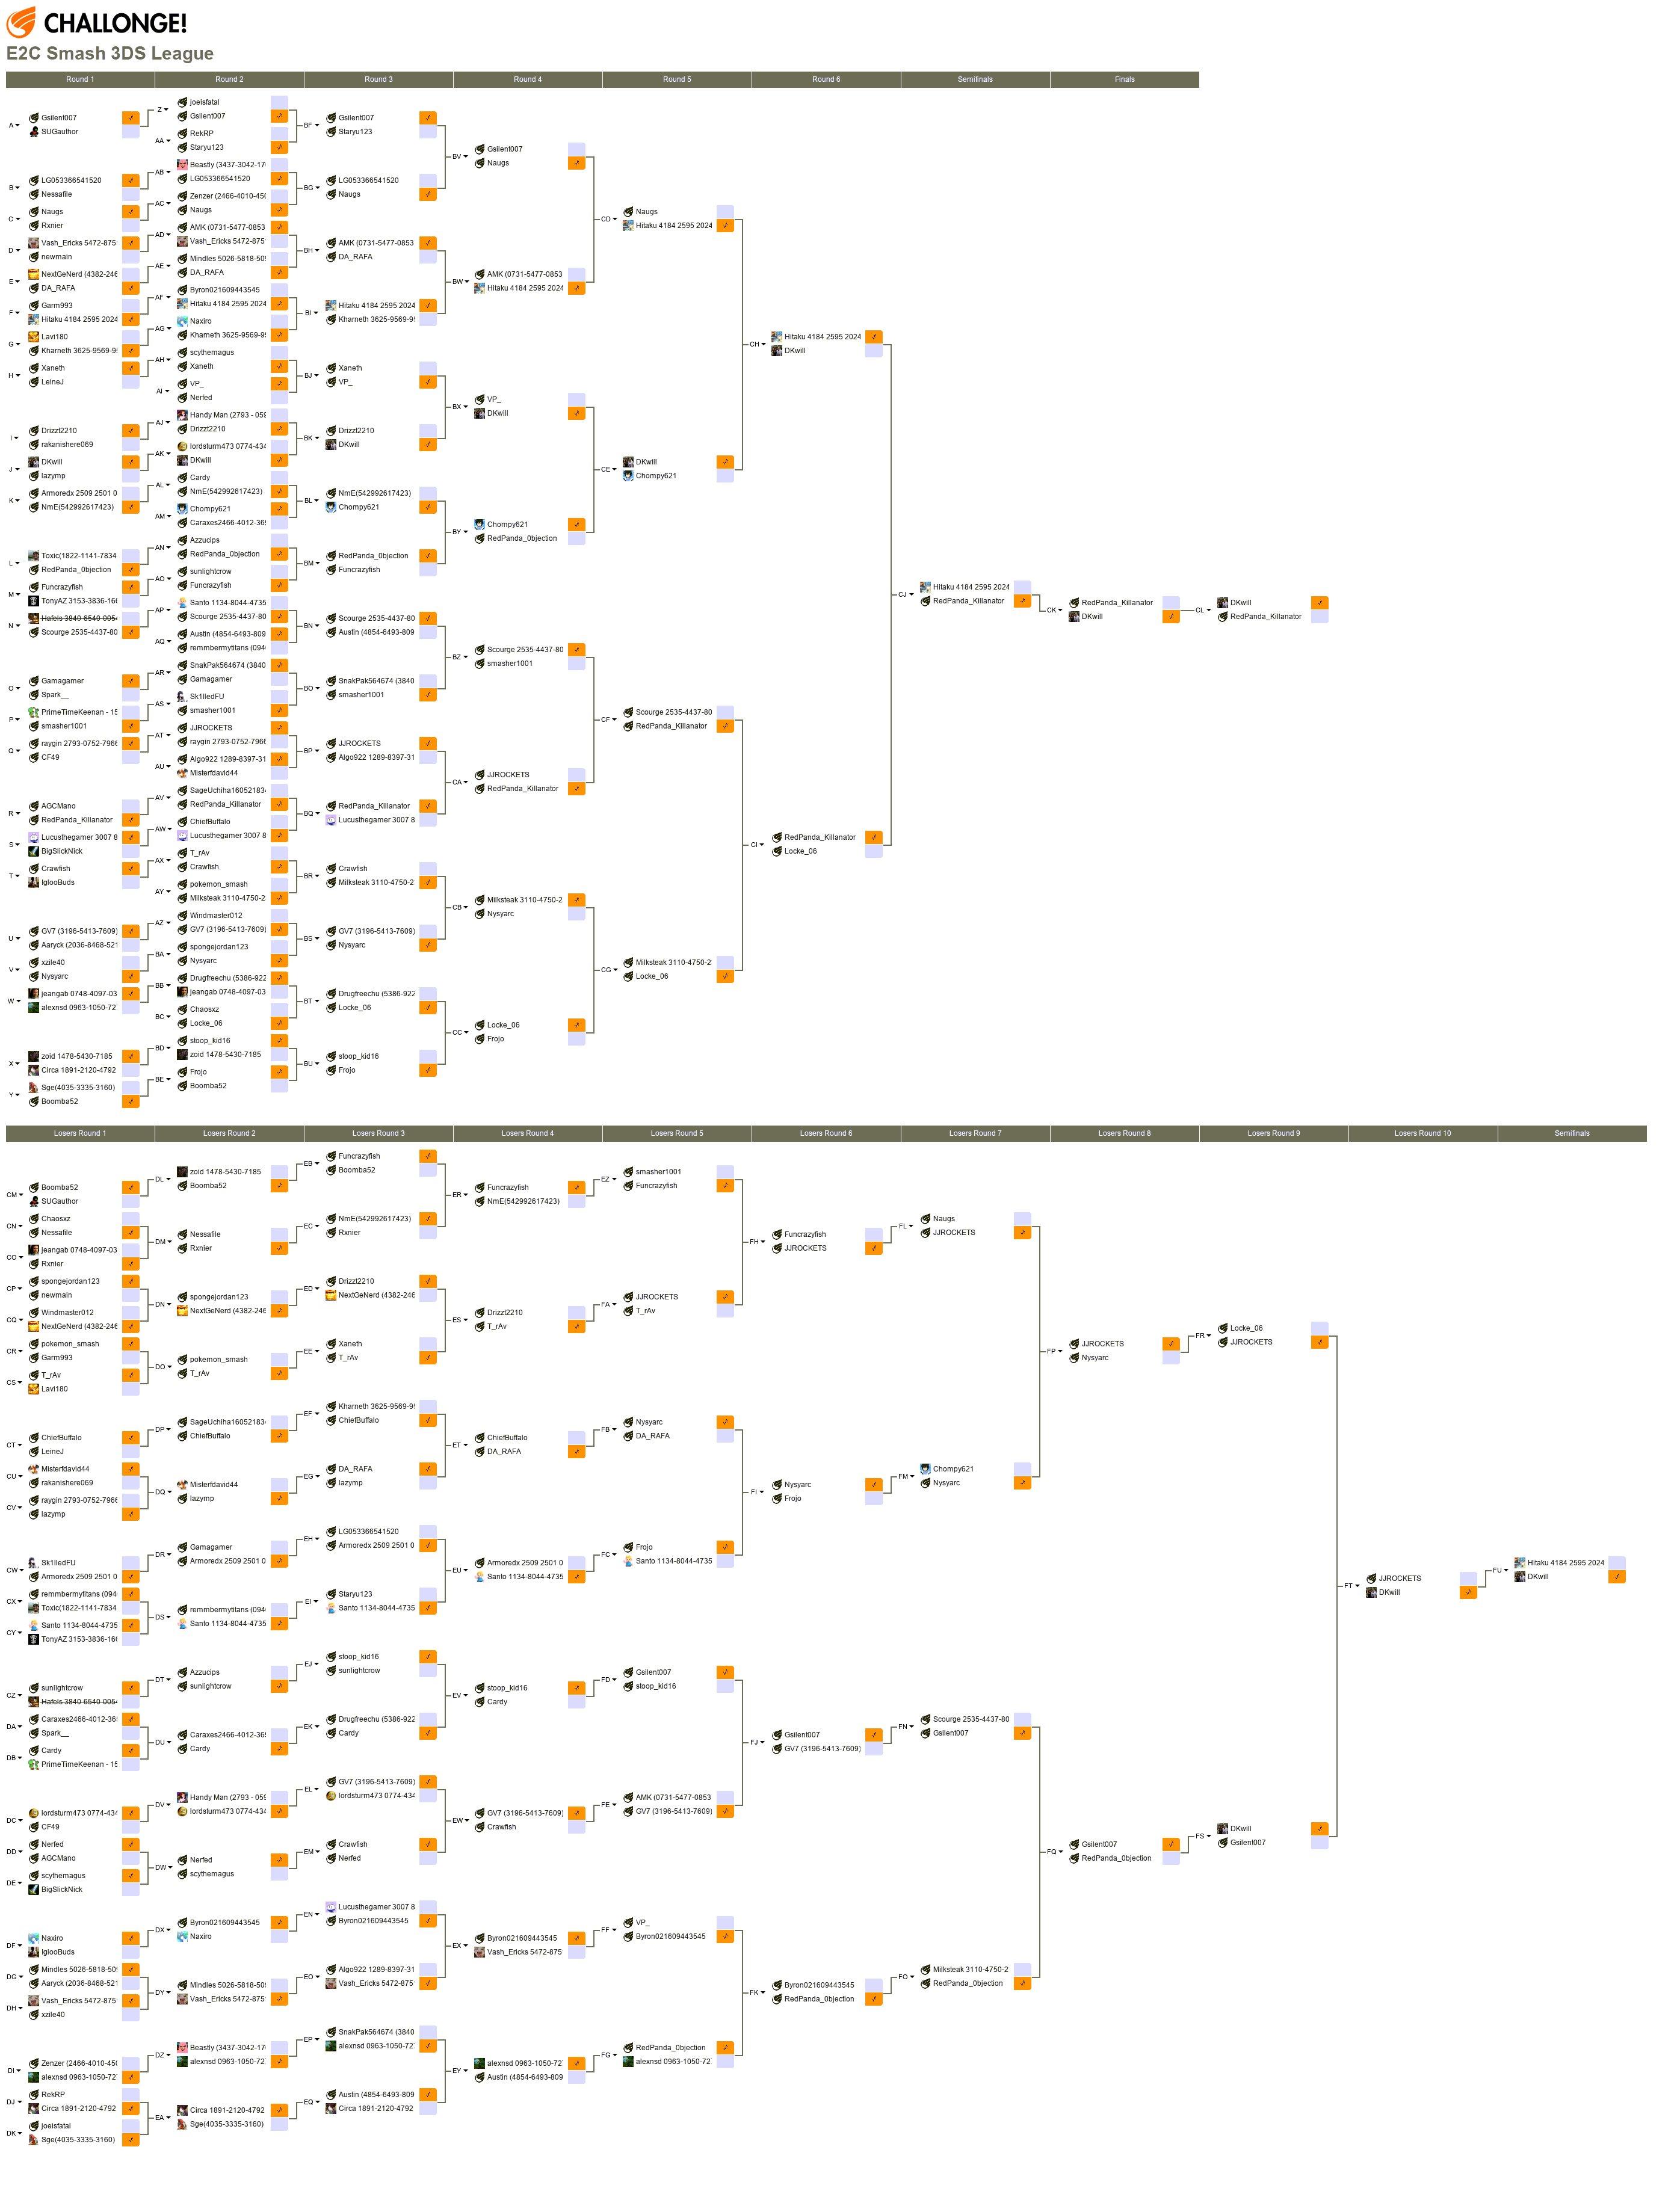 E2C Smash 3DS League Week 1